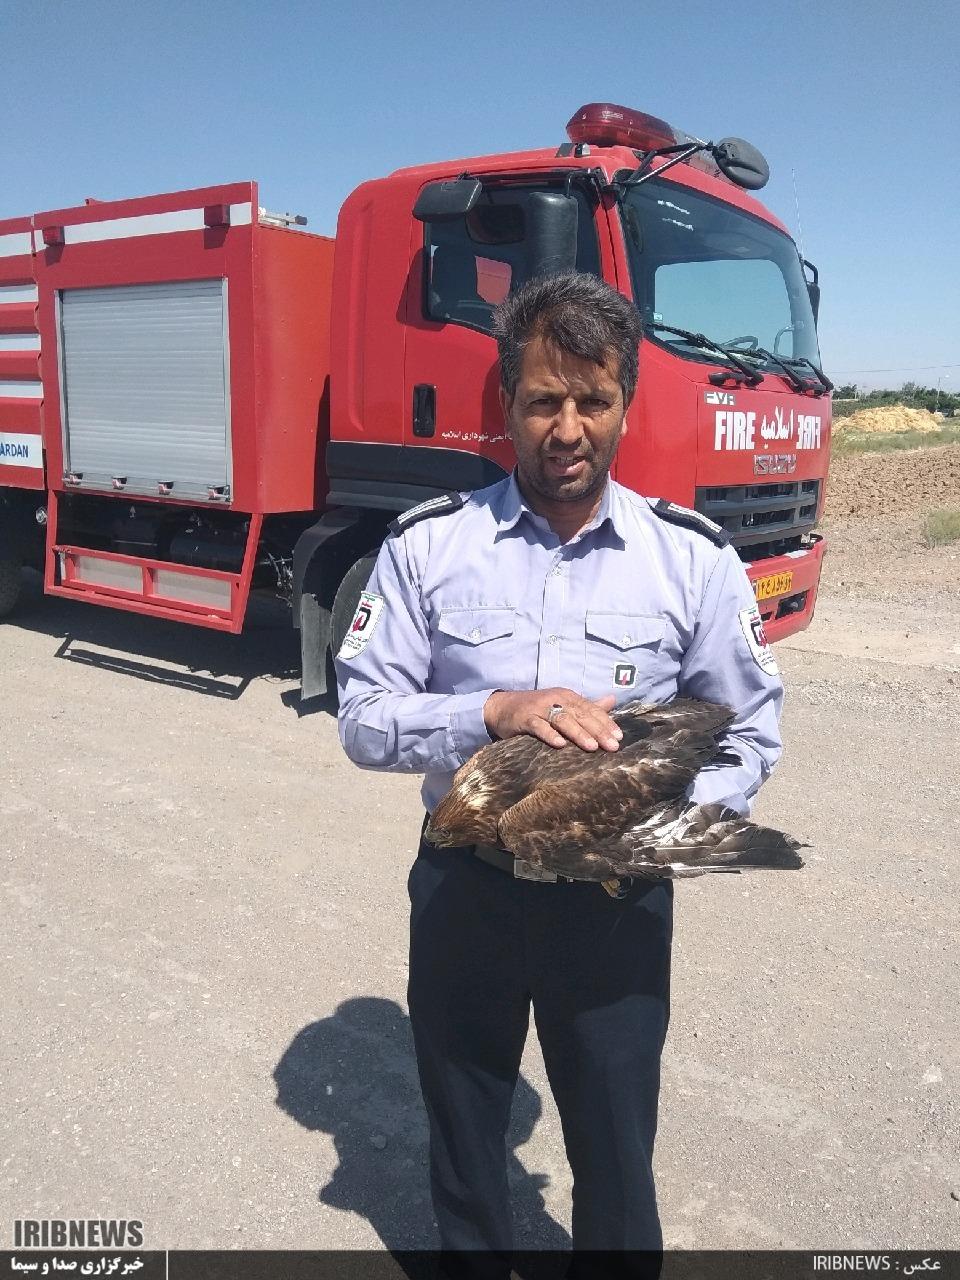 رهاسازی عقاب جوان در طبیعت در باغشهر اسلامیه فردوس